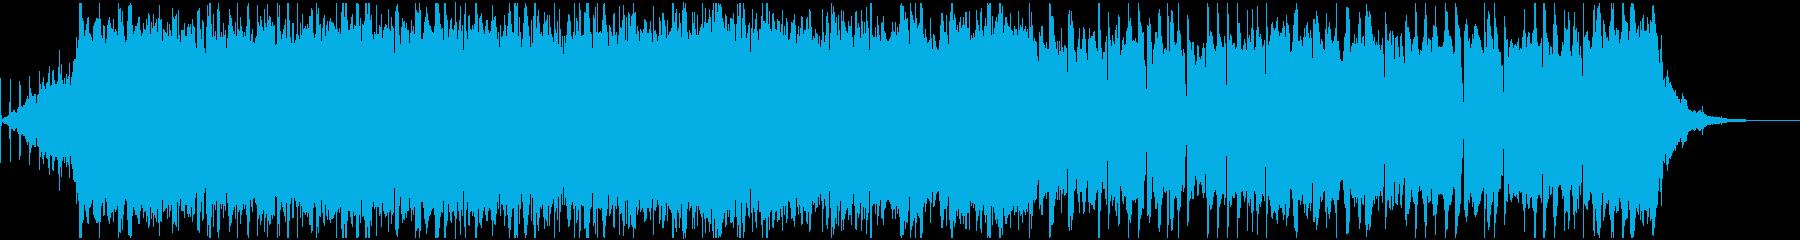 哀愁感漂うお洒落なBGMの再生済みの波形